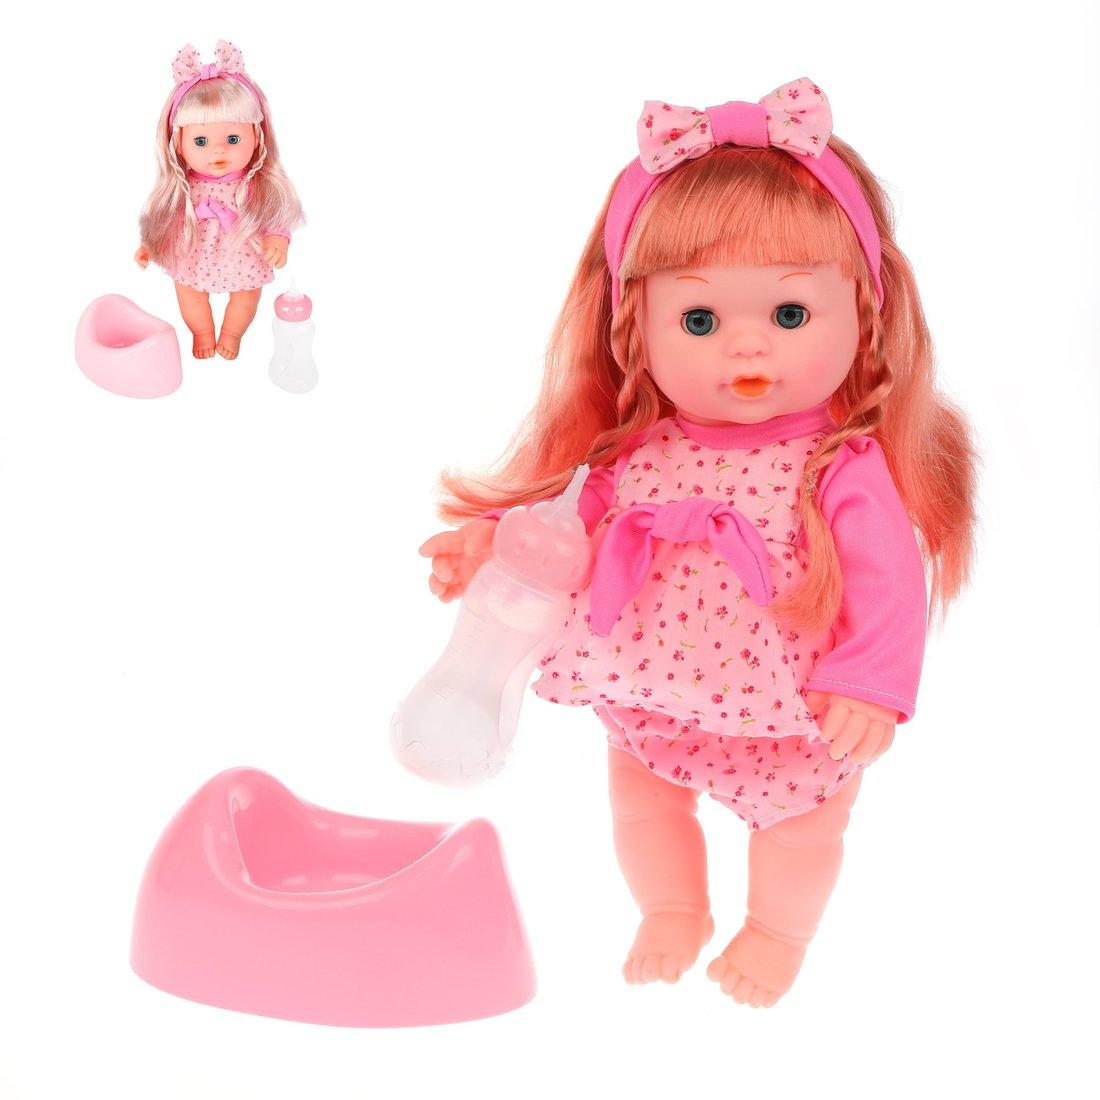 Кукла Мими 35 см пьет, писает, озвуч., в ассорт., 2 аксесс.в компл., кор.